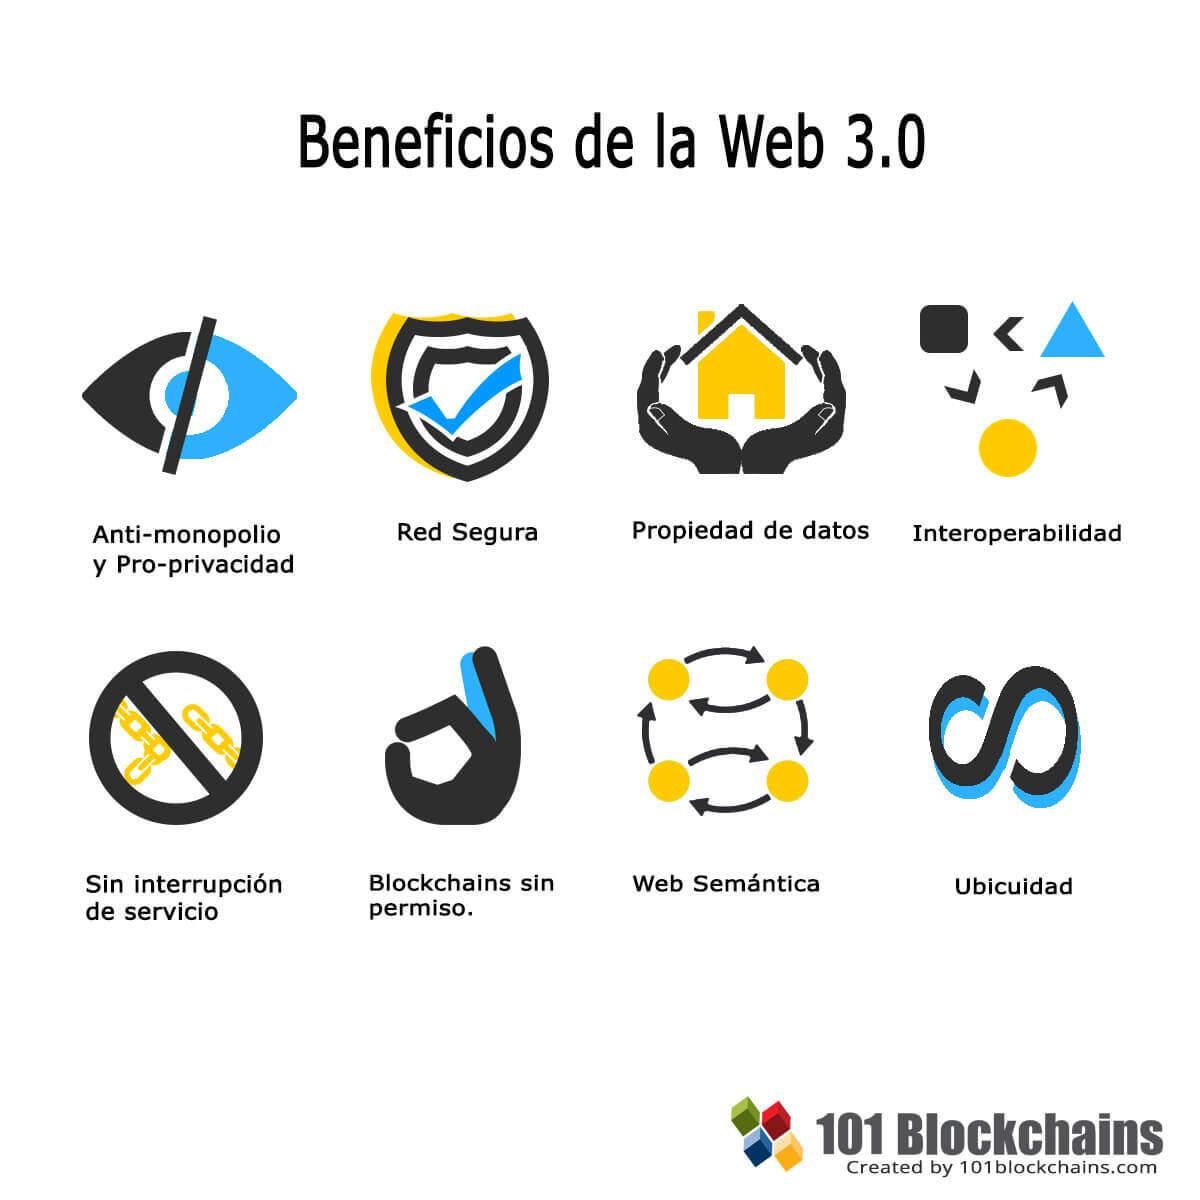 Beneficios de la Web 3